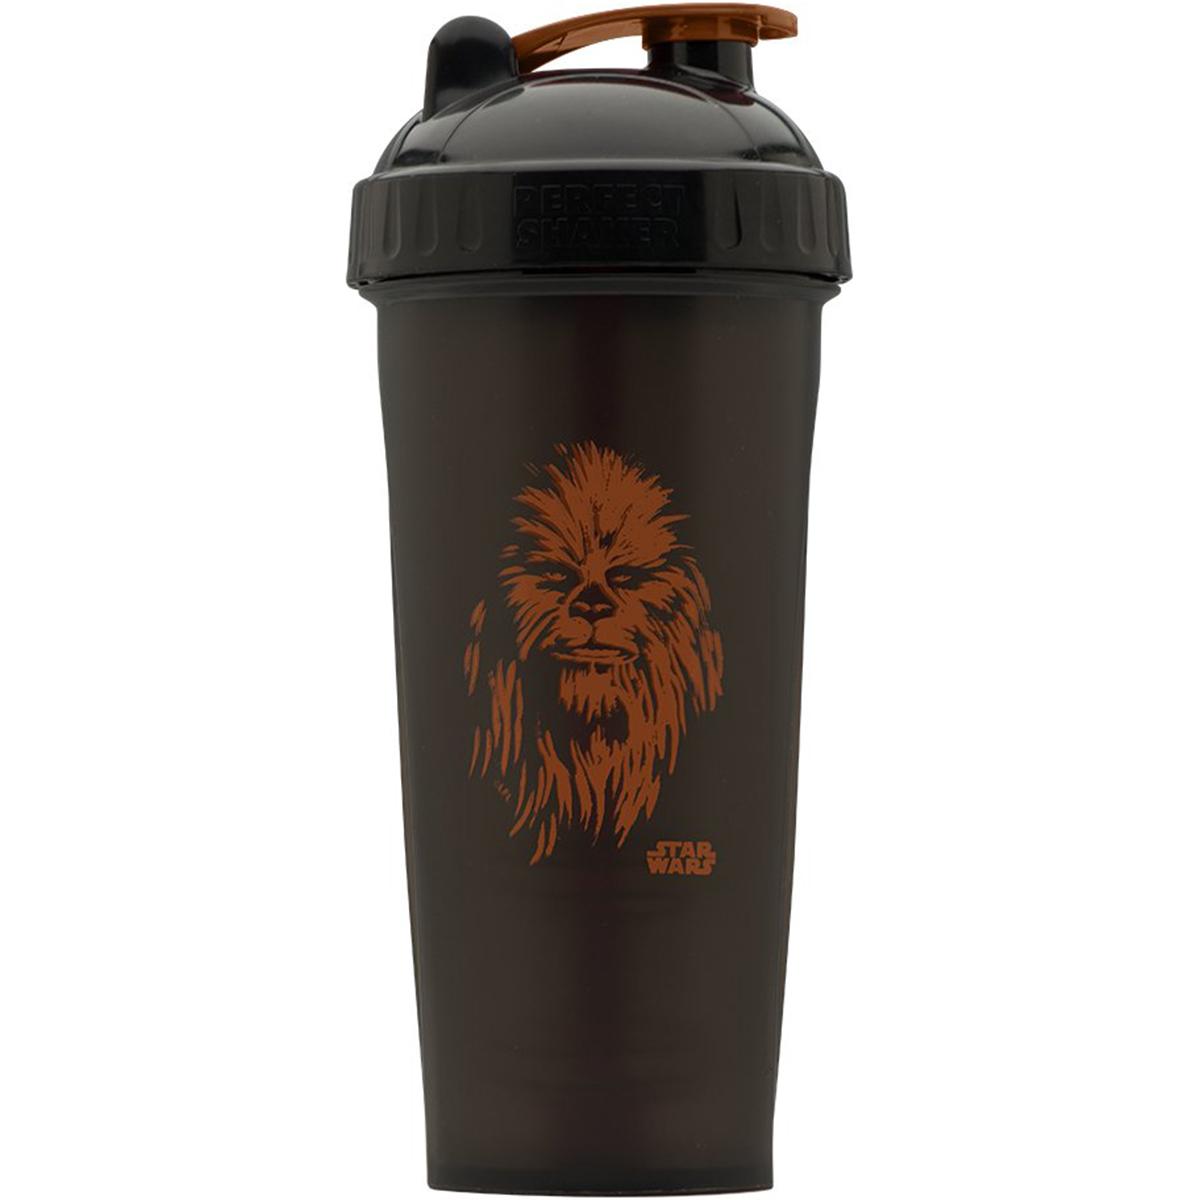 Star Wars Shaker Perfect Shaker Chewbacca